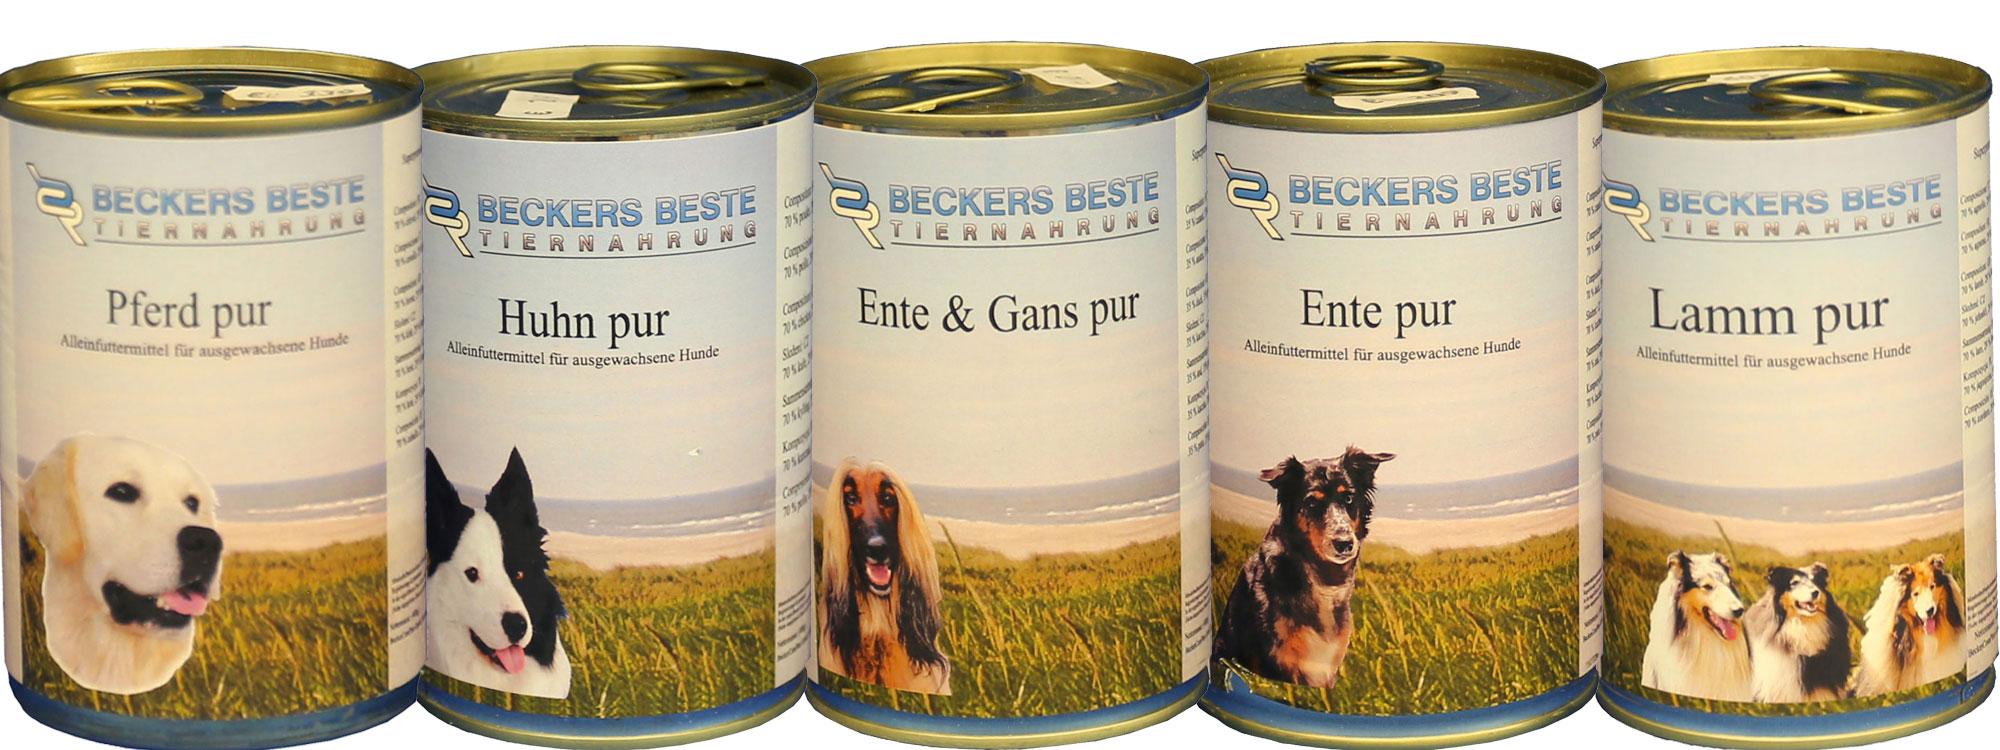 Beckers Beste Tiernahrung 14 x 400g Nassfutter Set